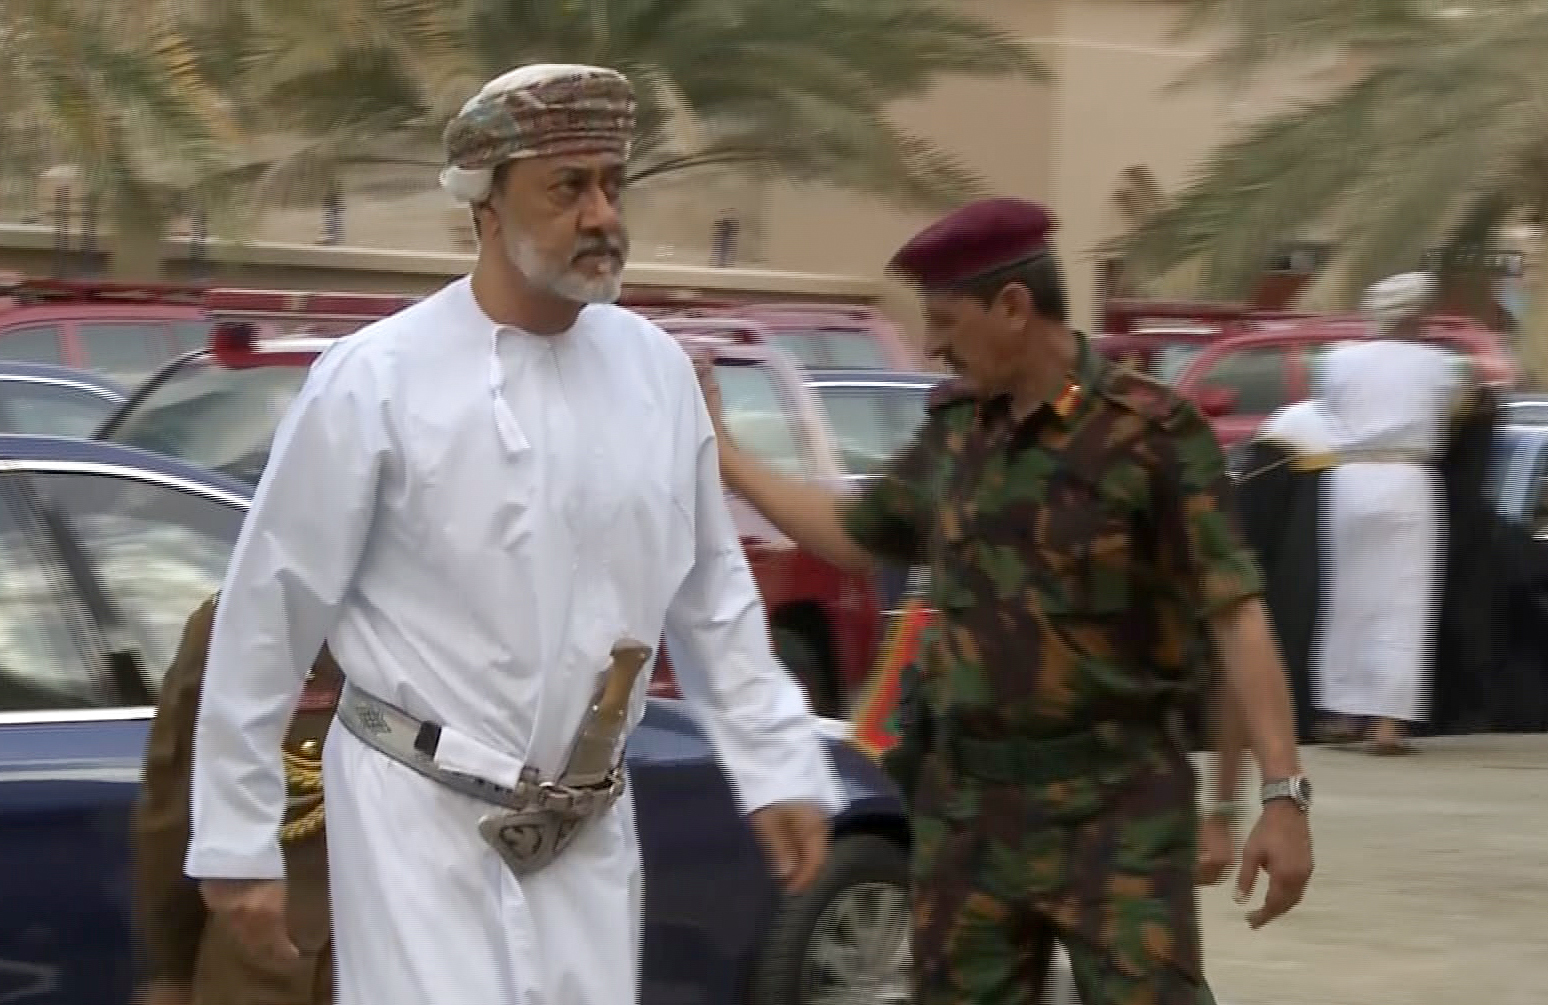 السلطان هيثم بن طارق يصدم محمد بن سلمان بشأن عدو السعودية اللدود إيران